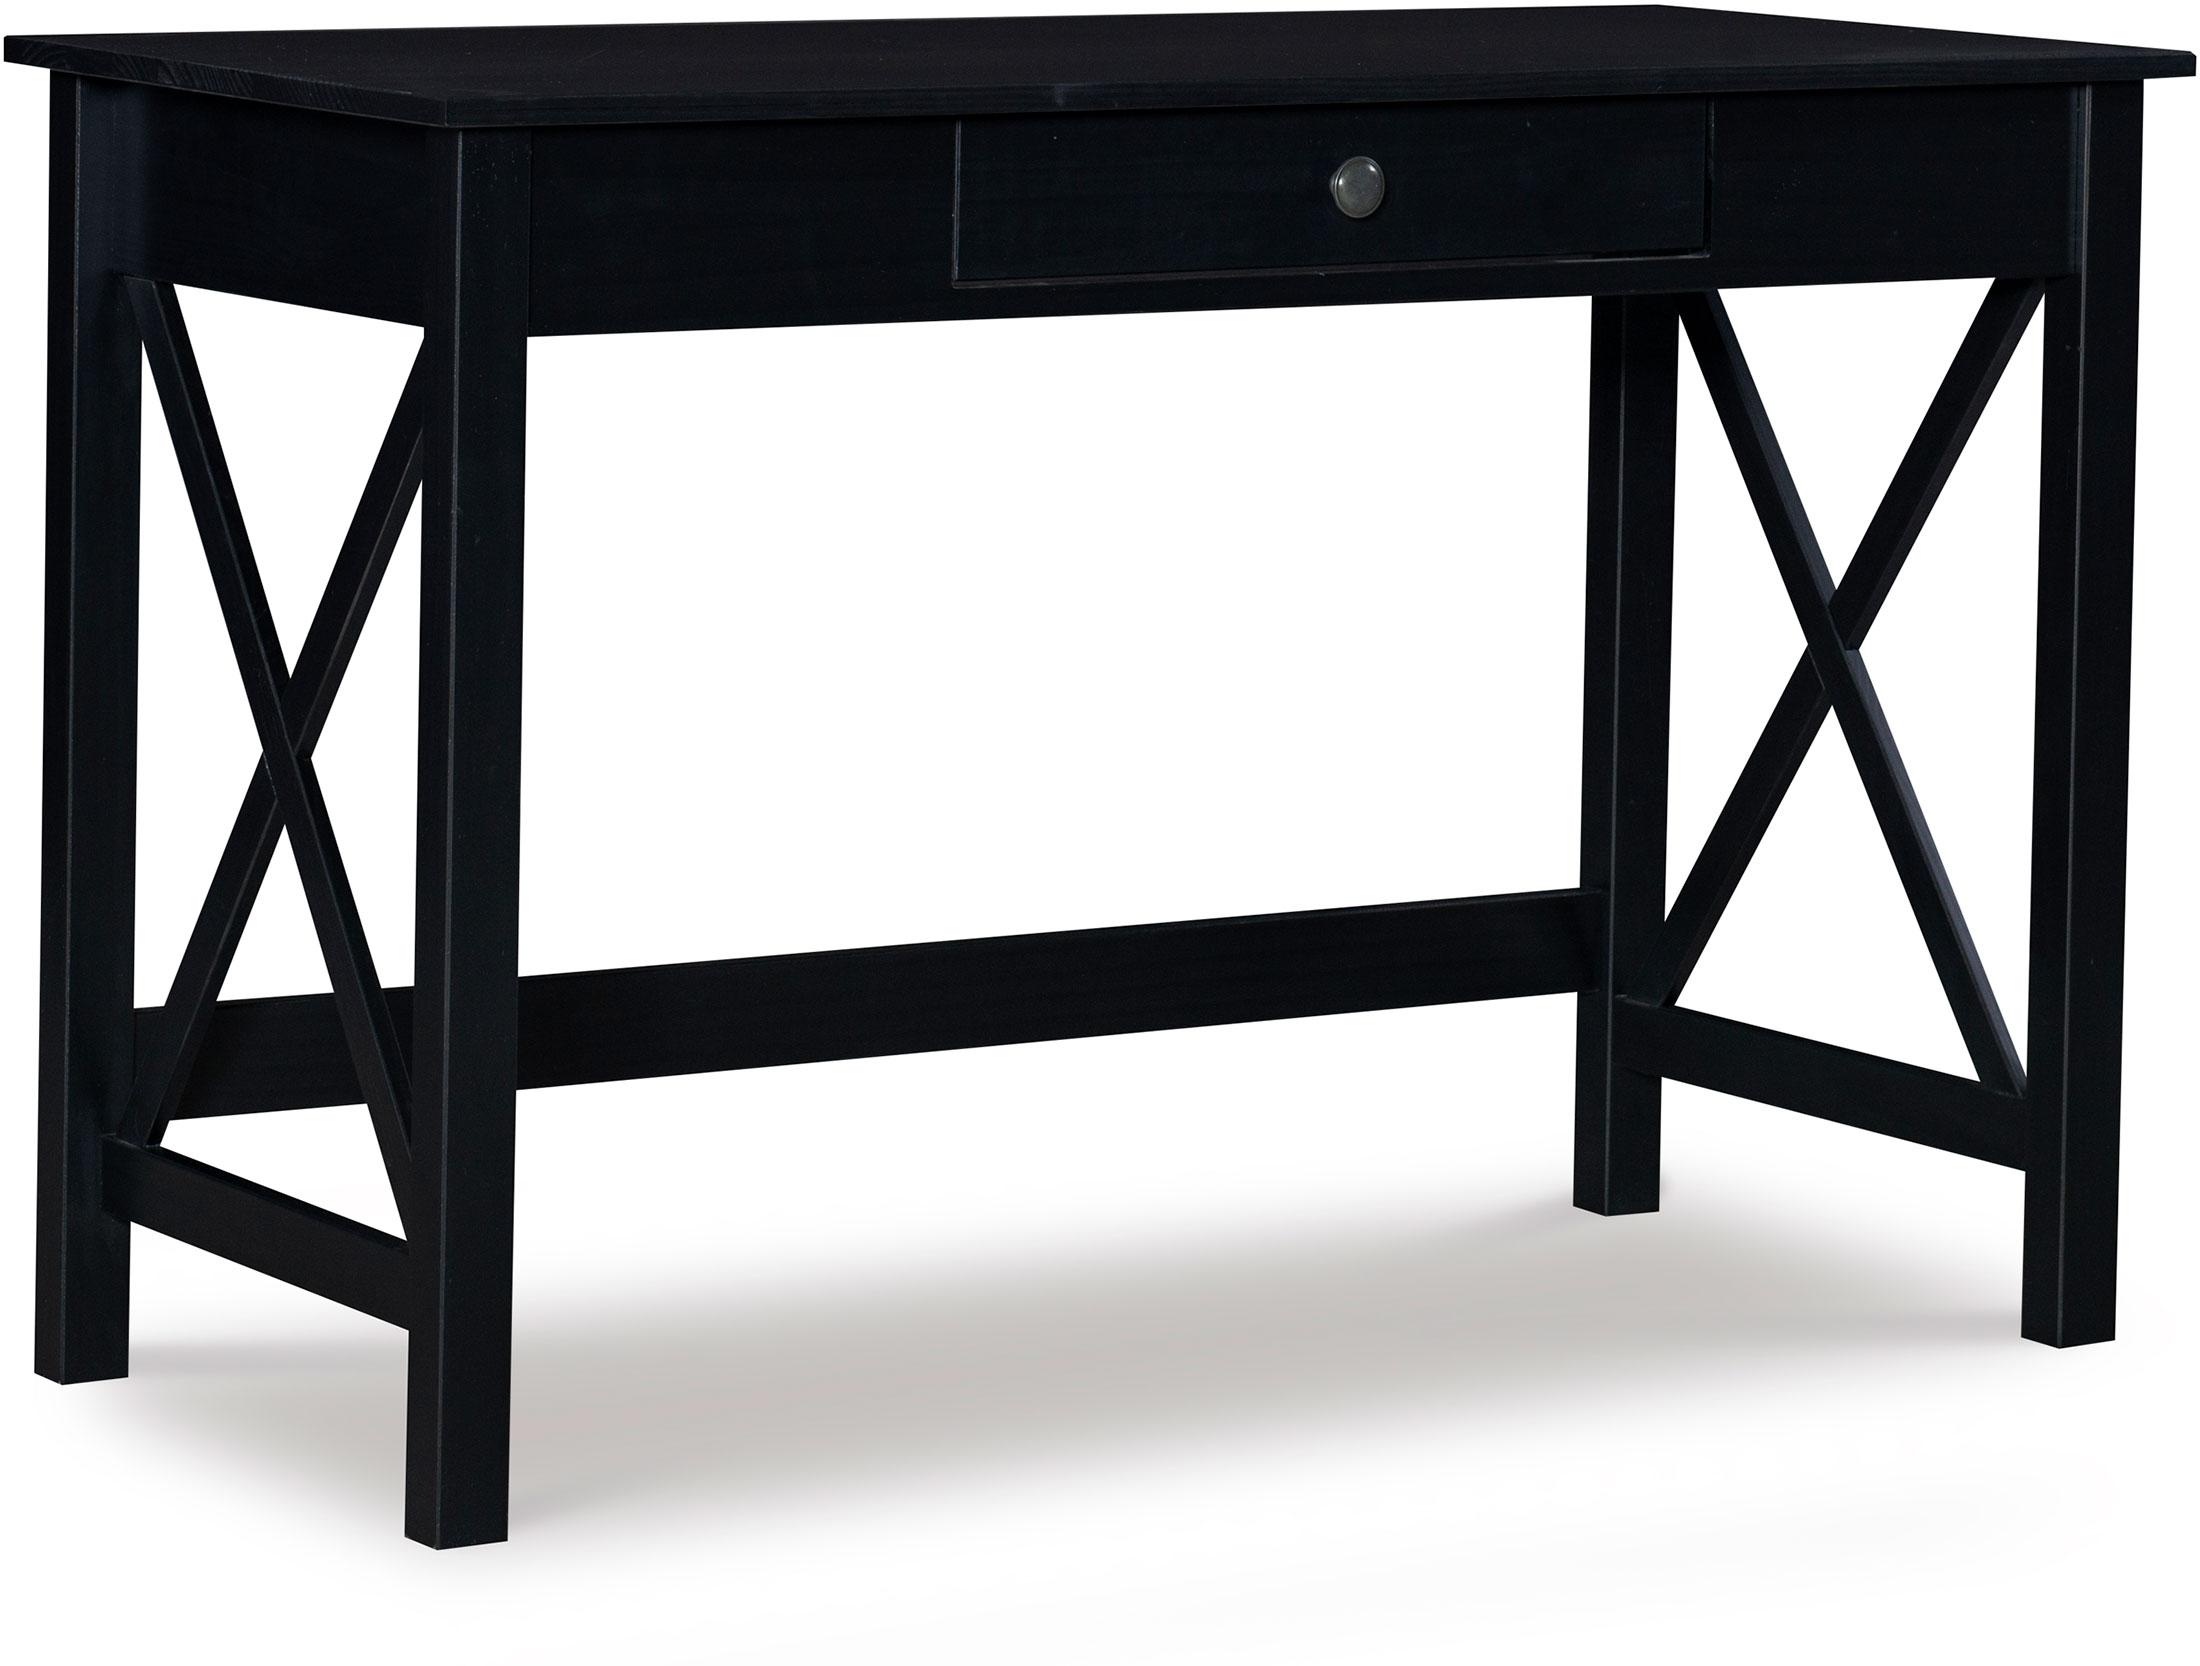 Home Office Furniture - Dallas Desk